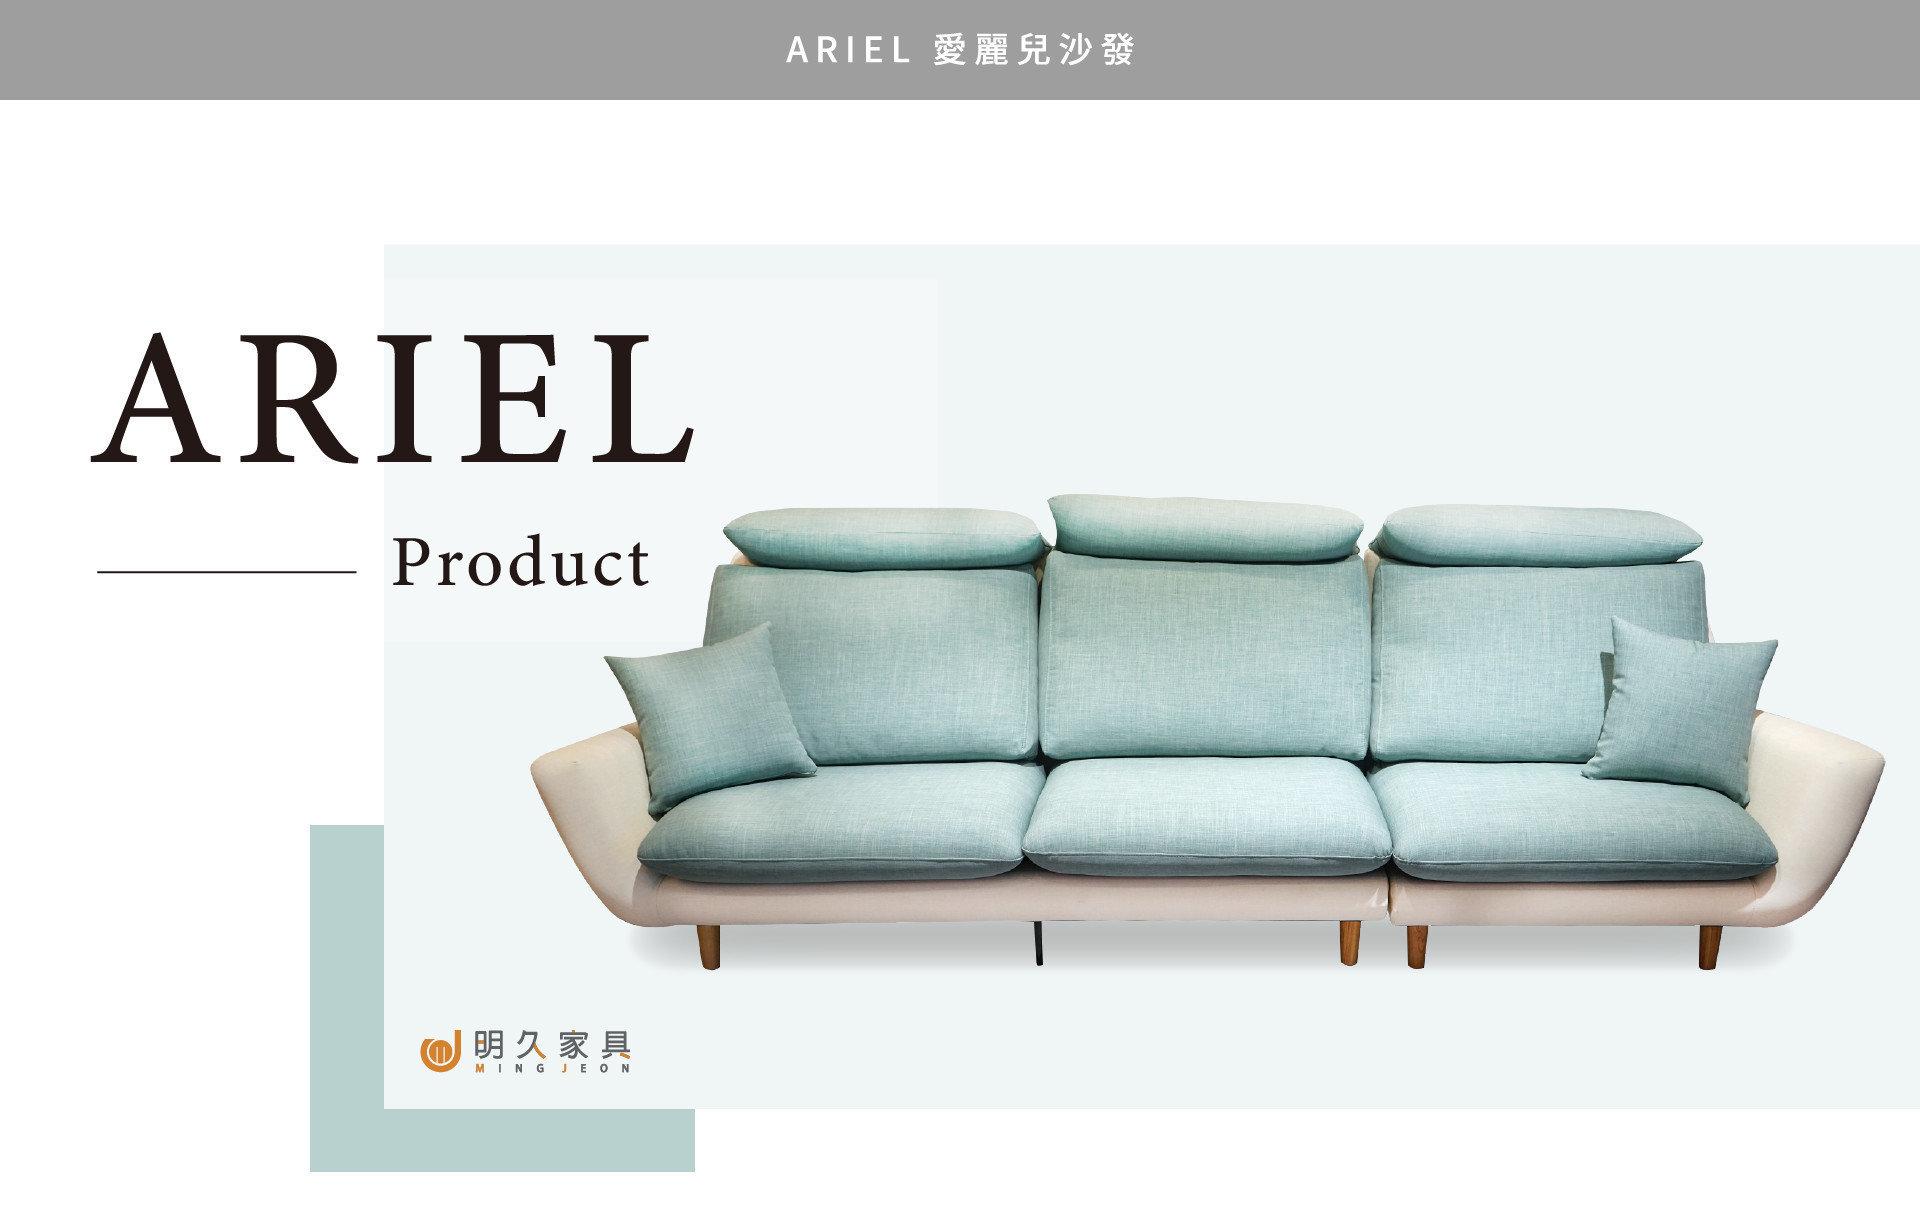 【Ariel 愛麗兒沙發】